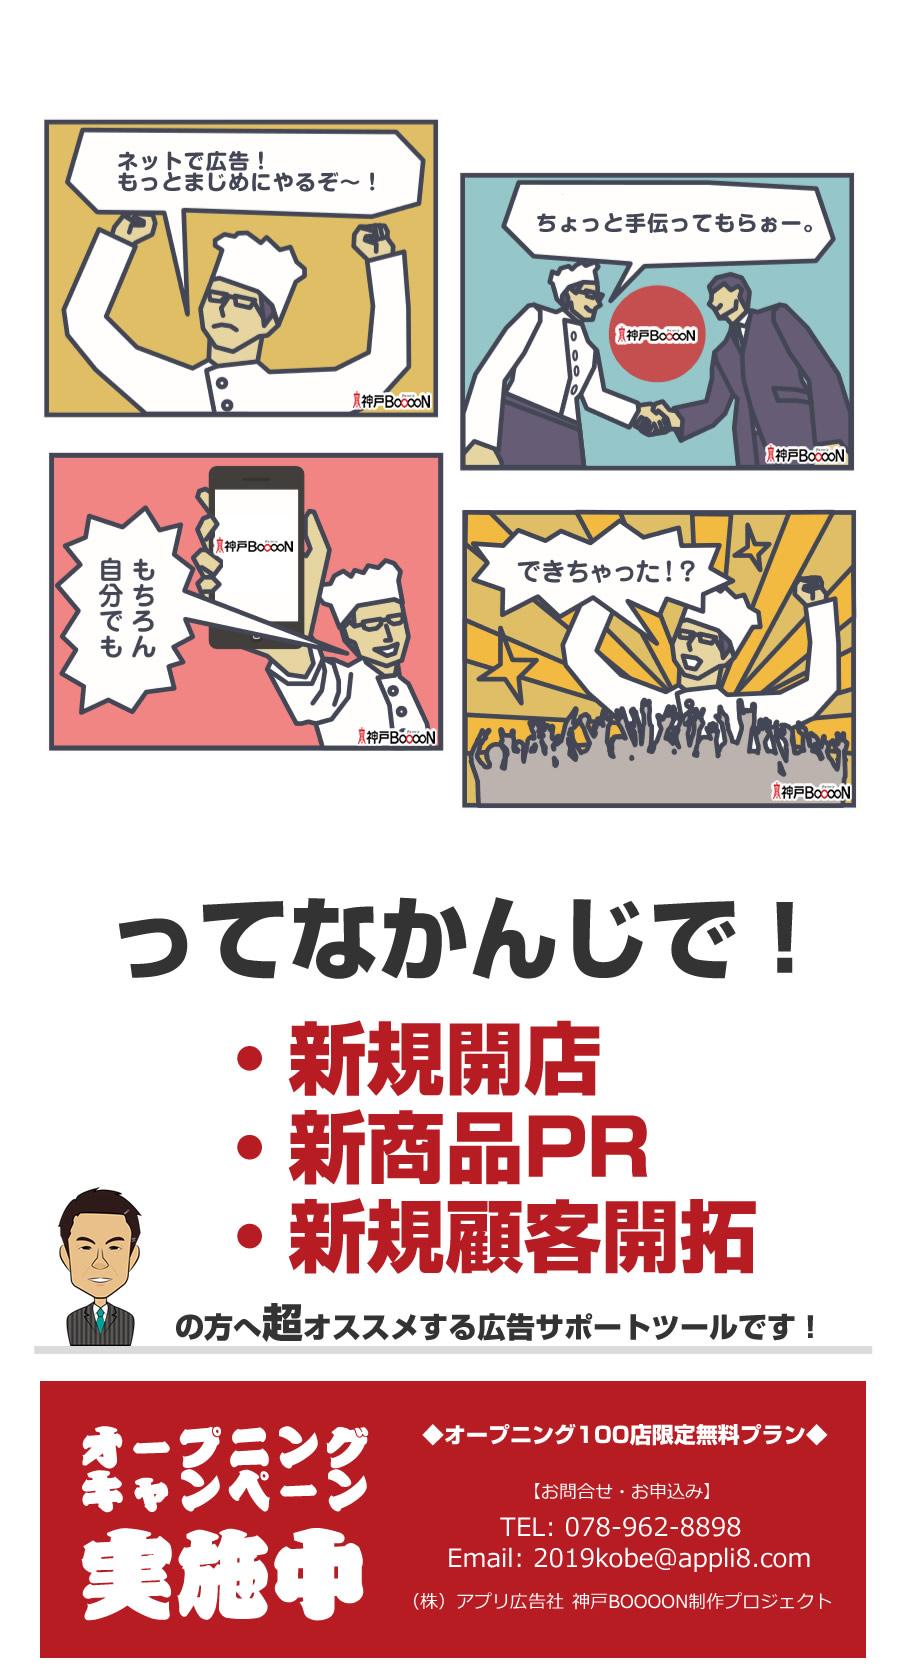 SNS広告がもっと面白くなるツール紹介その4